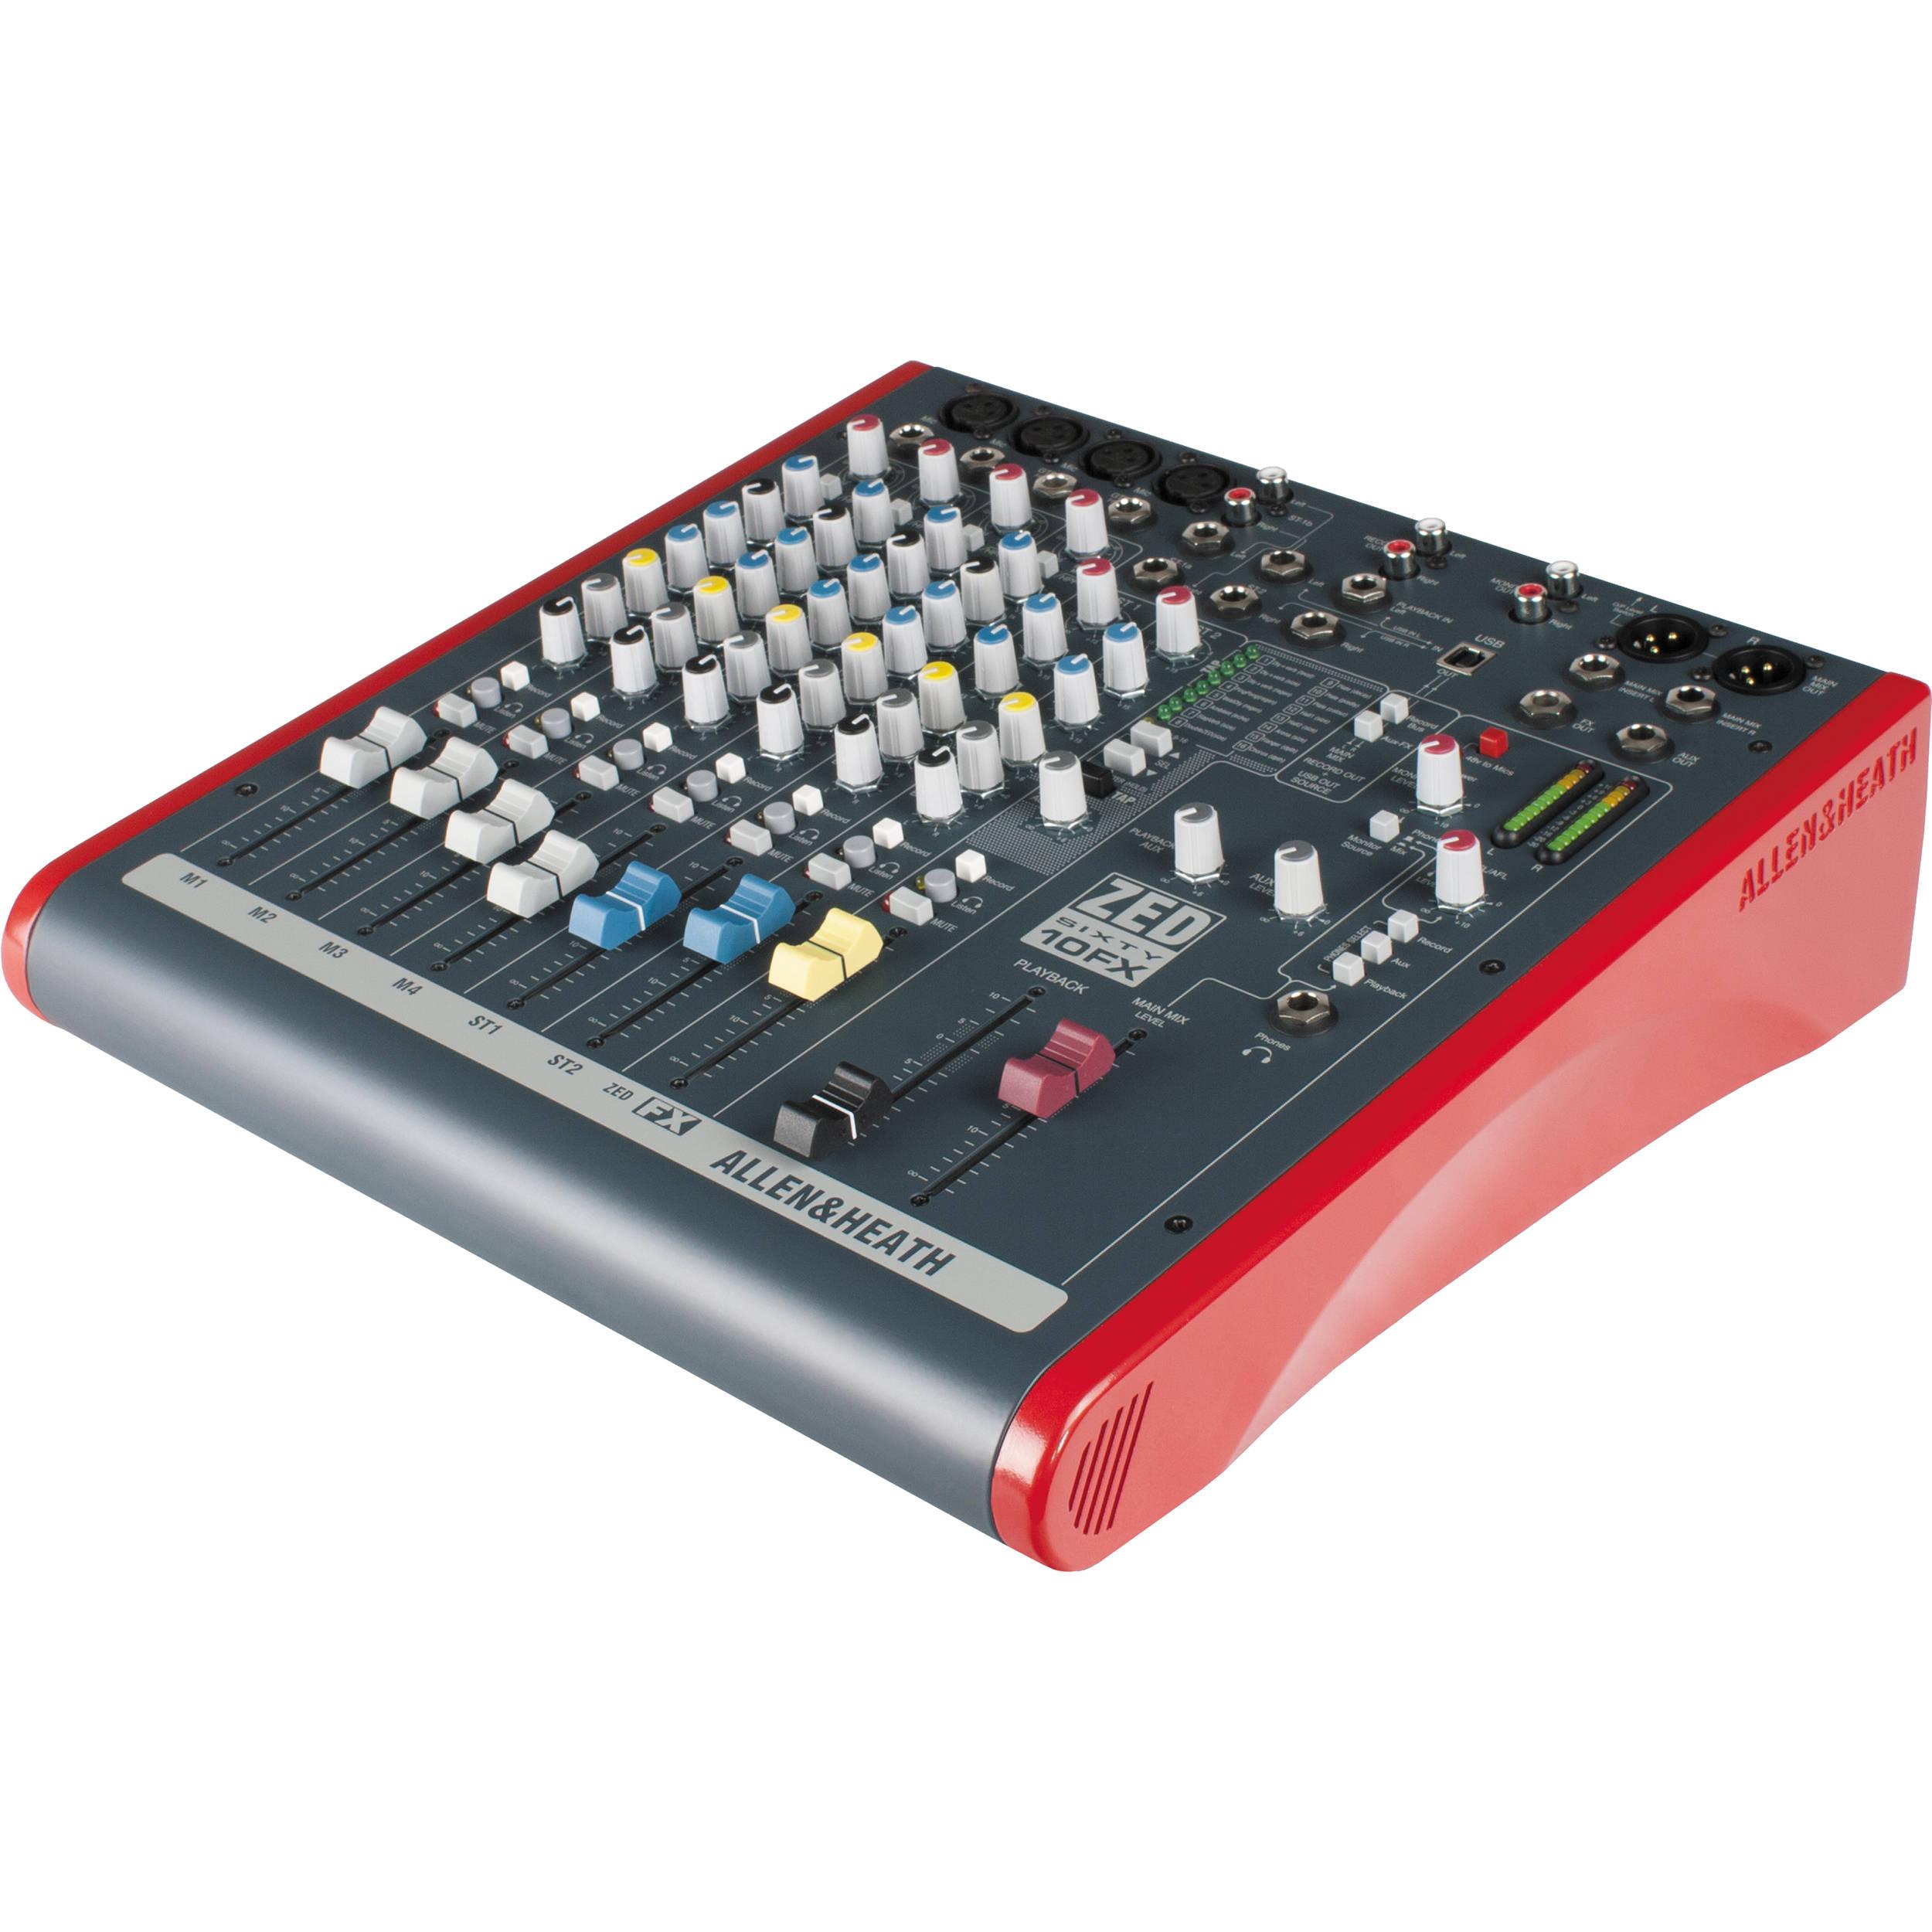 Allen Heath Mixer : allen heath zed60 10fx 6 channel mixer ah zed60 10fx b h ~ Vivirlamusica.com Haus und Dekorationen